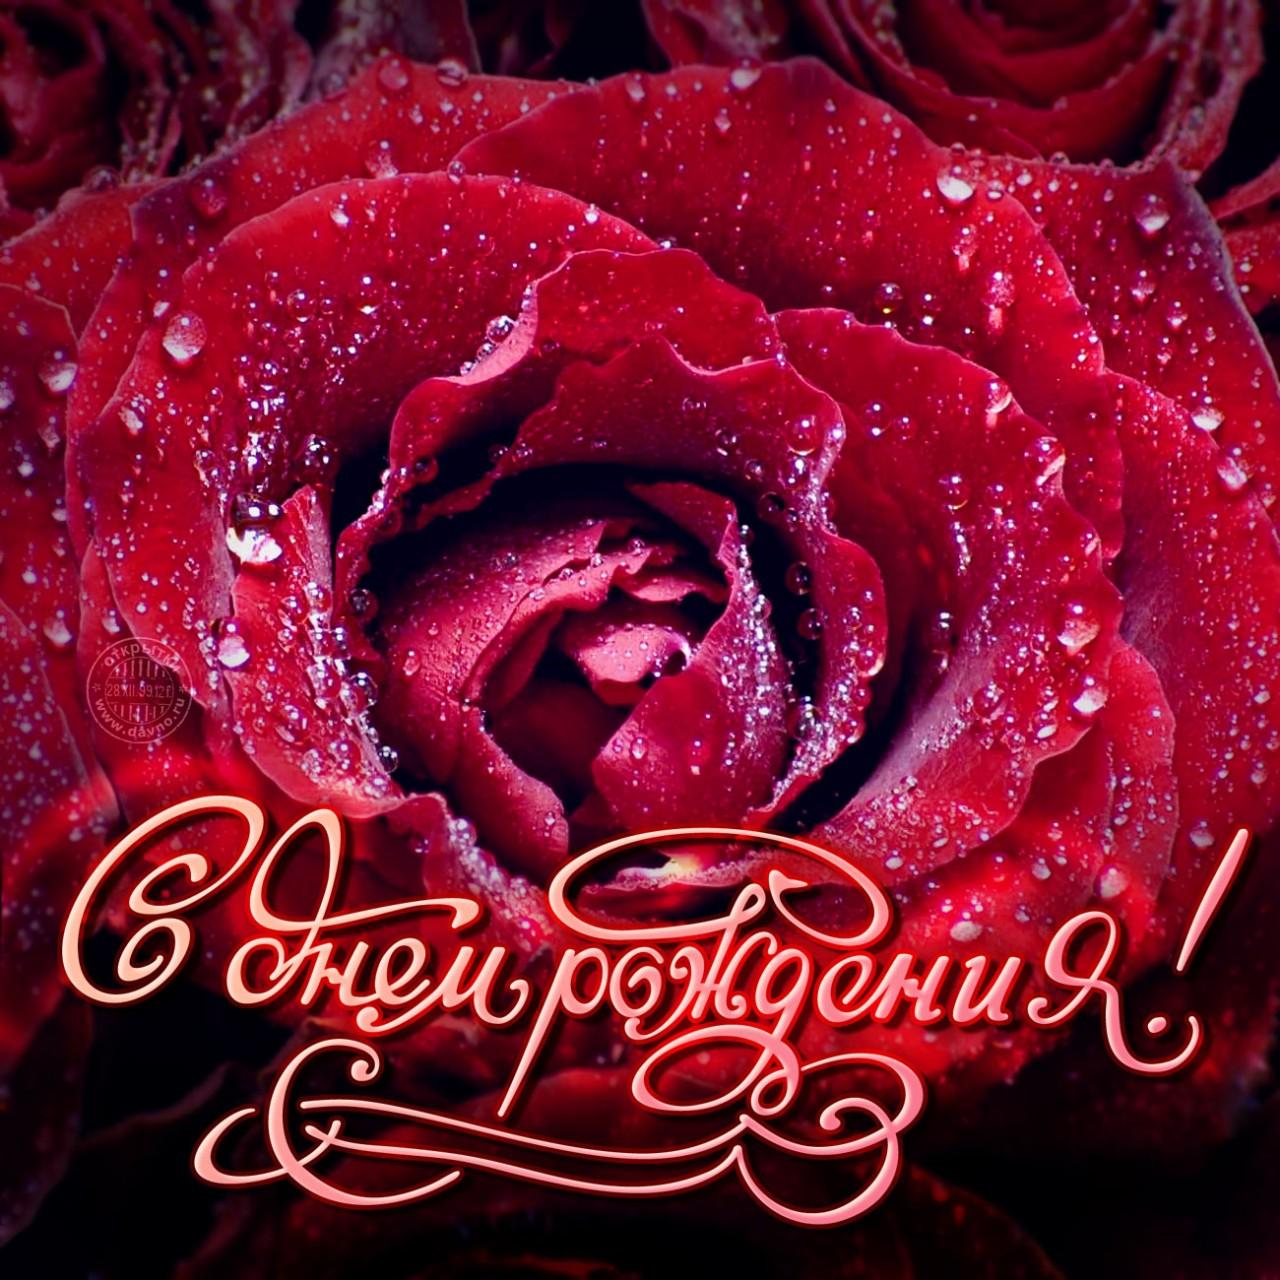 Прикольные открытки с днем рождения с розами, про ангелов